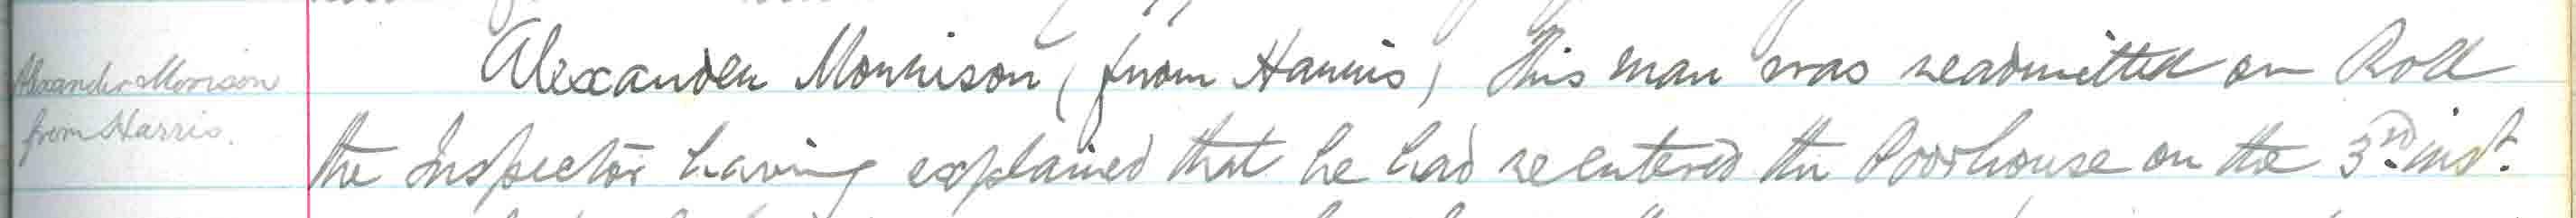 Stornoway Parish Coucnil minute of 31 Aug 1898